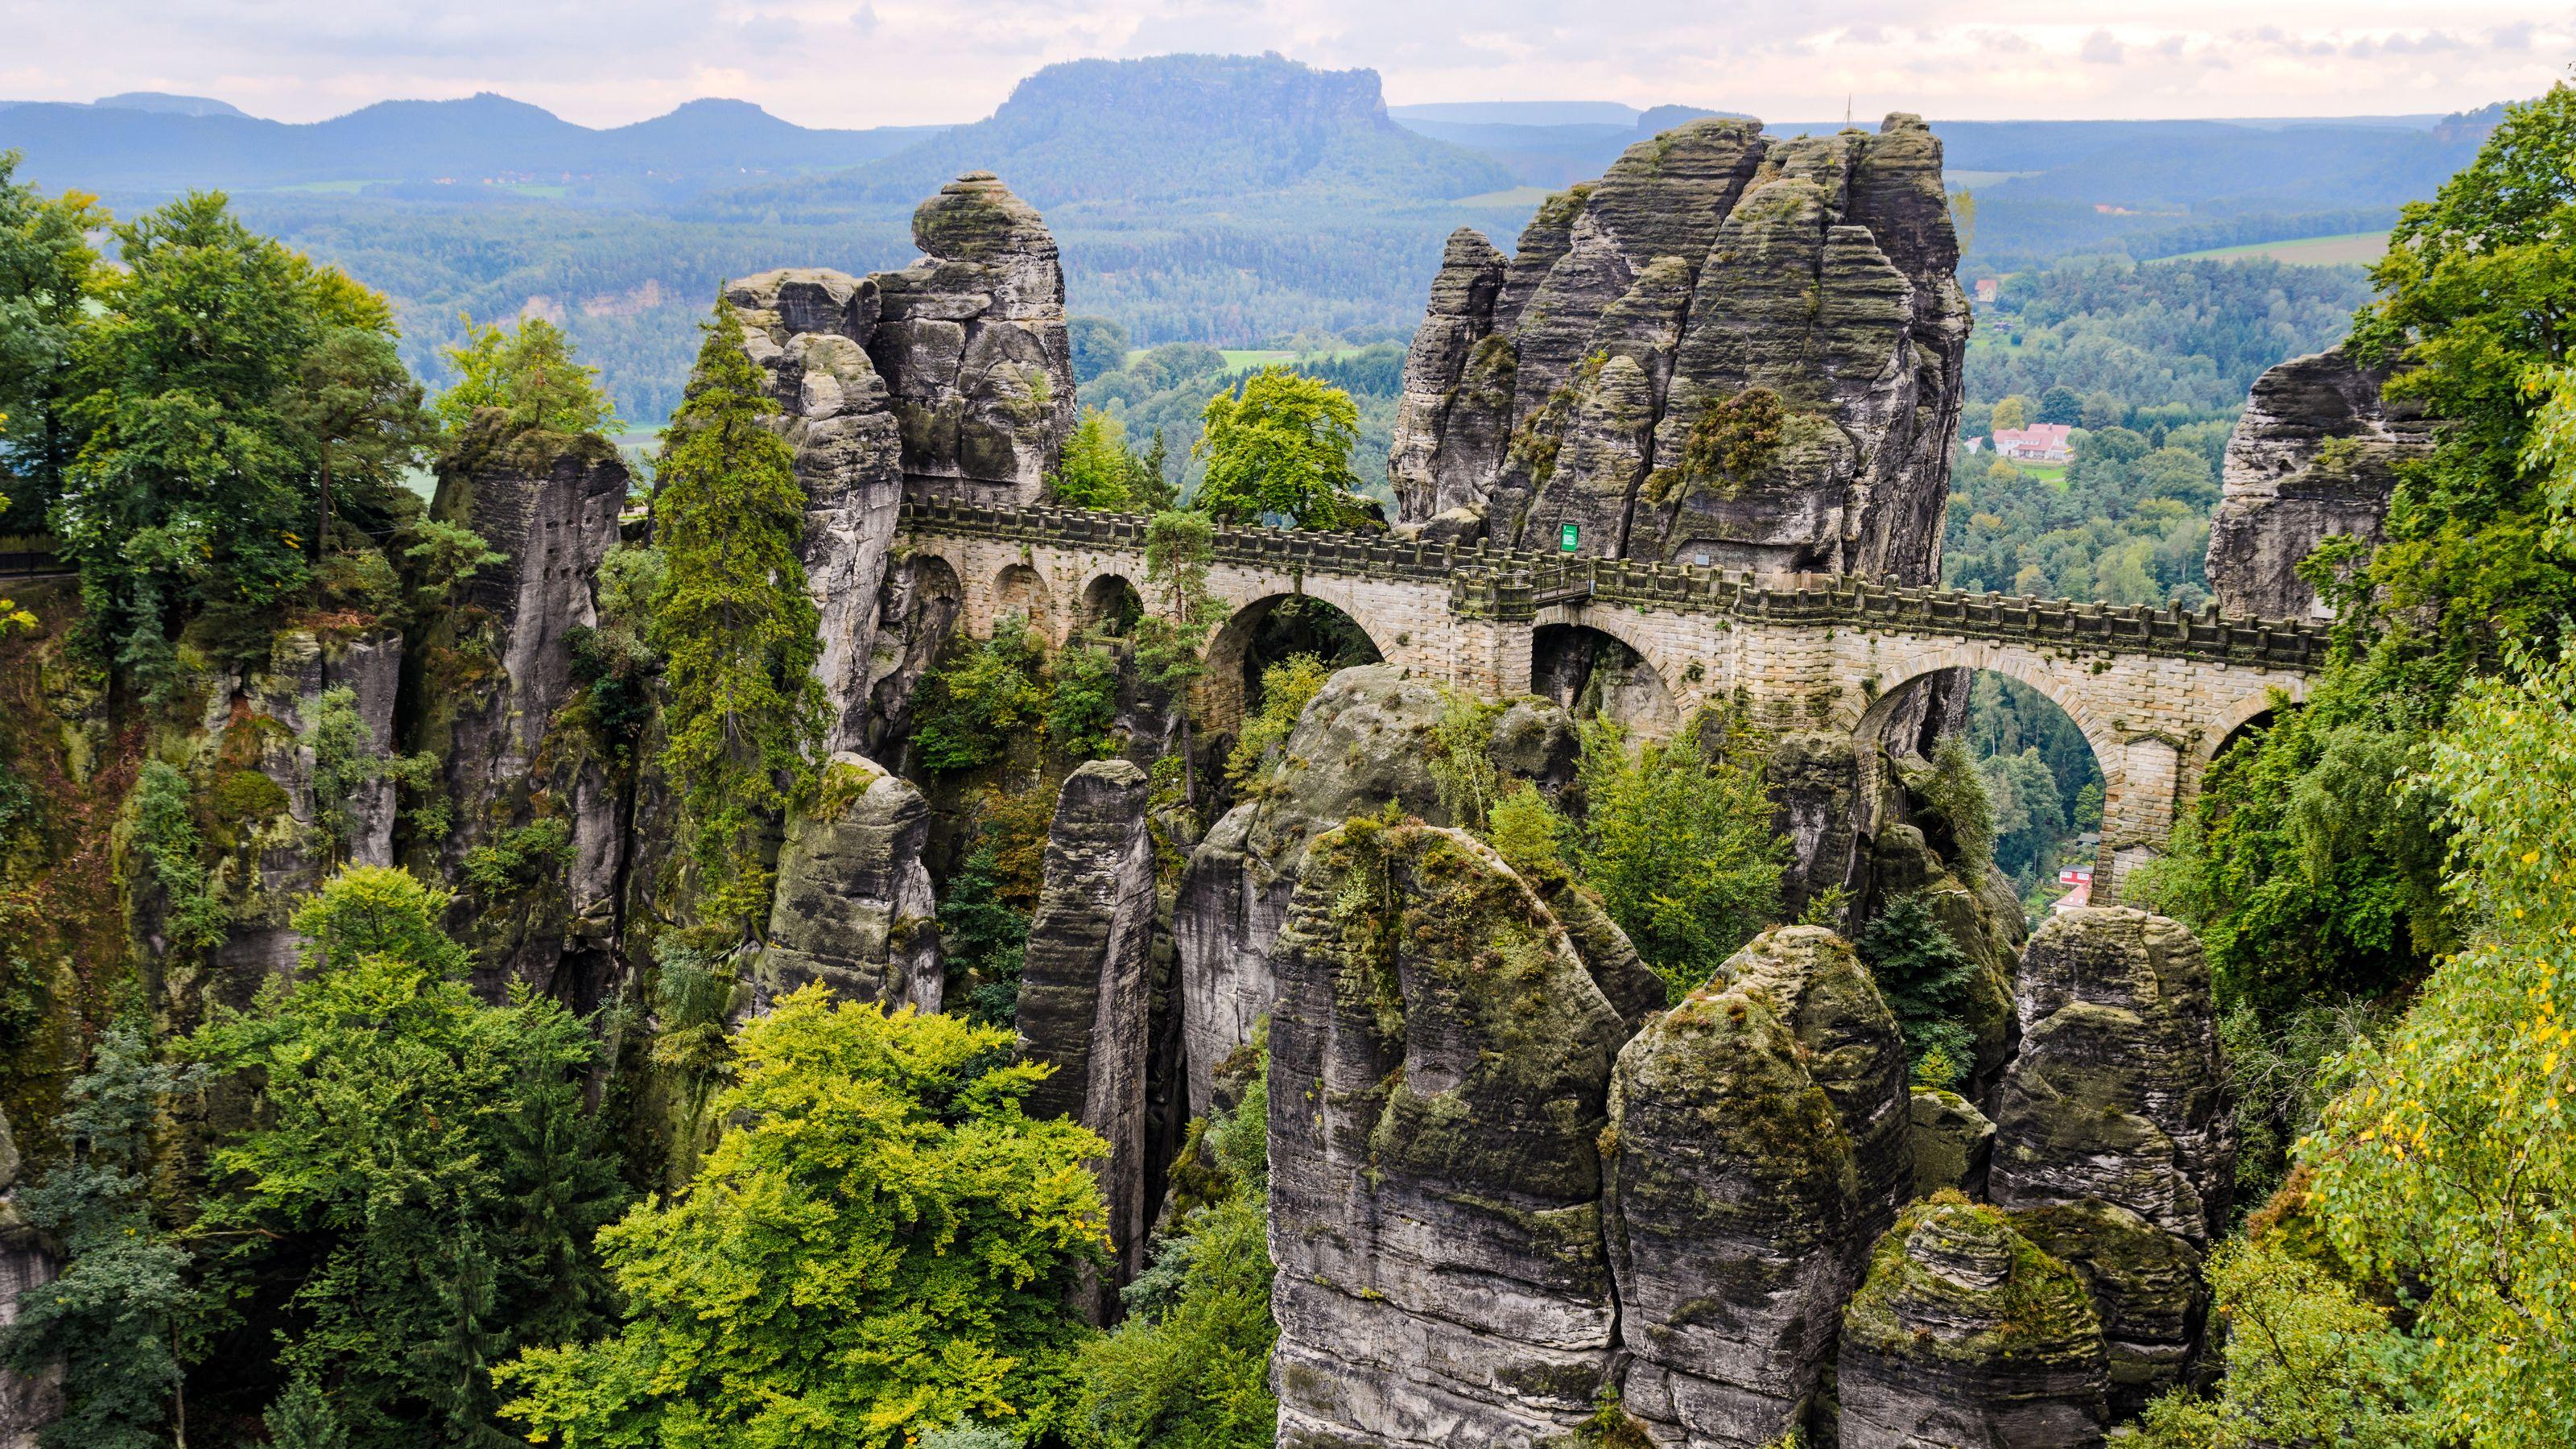 Halbtagesausflug in den Nationalpark Sächsische Schweiz